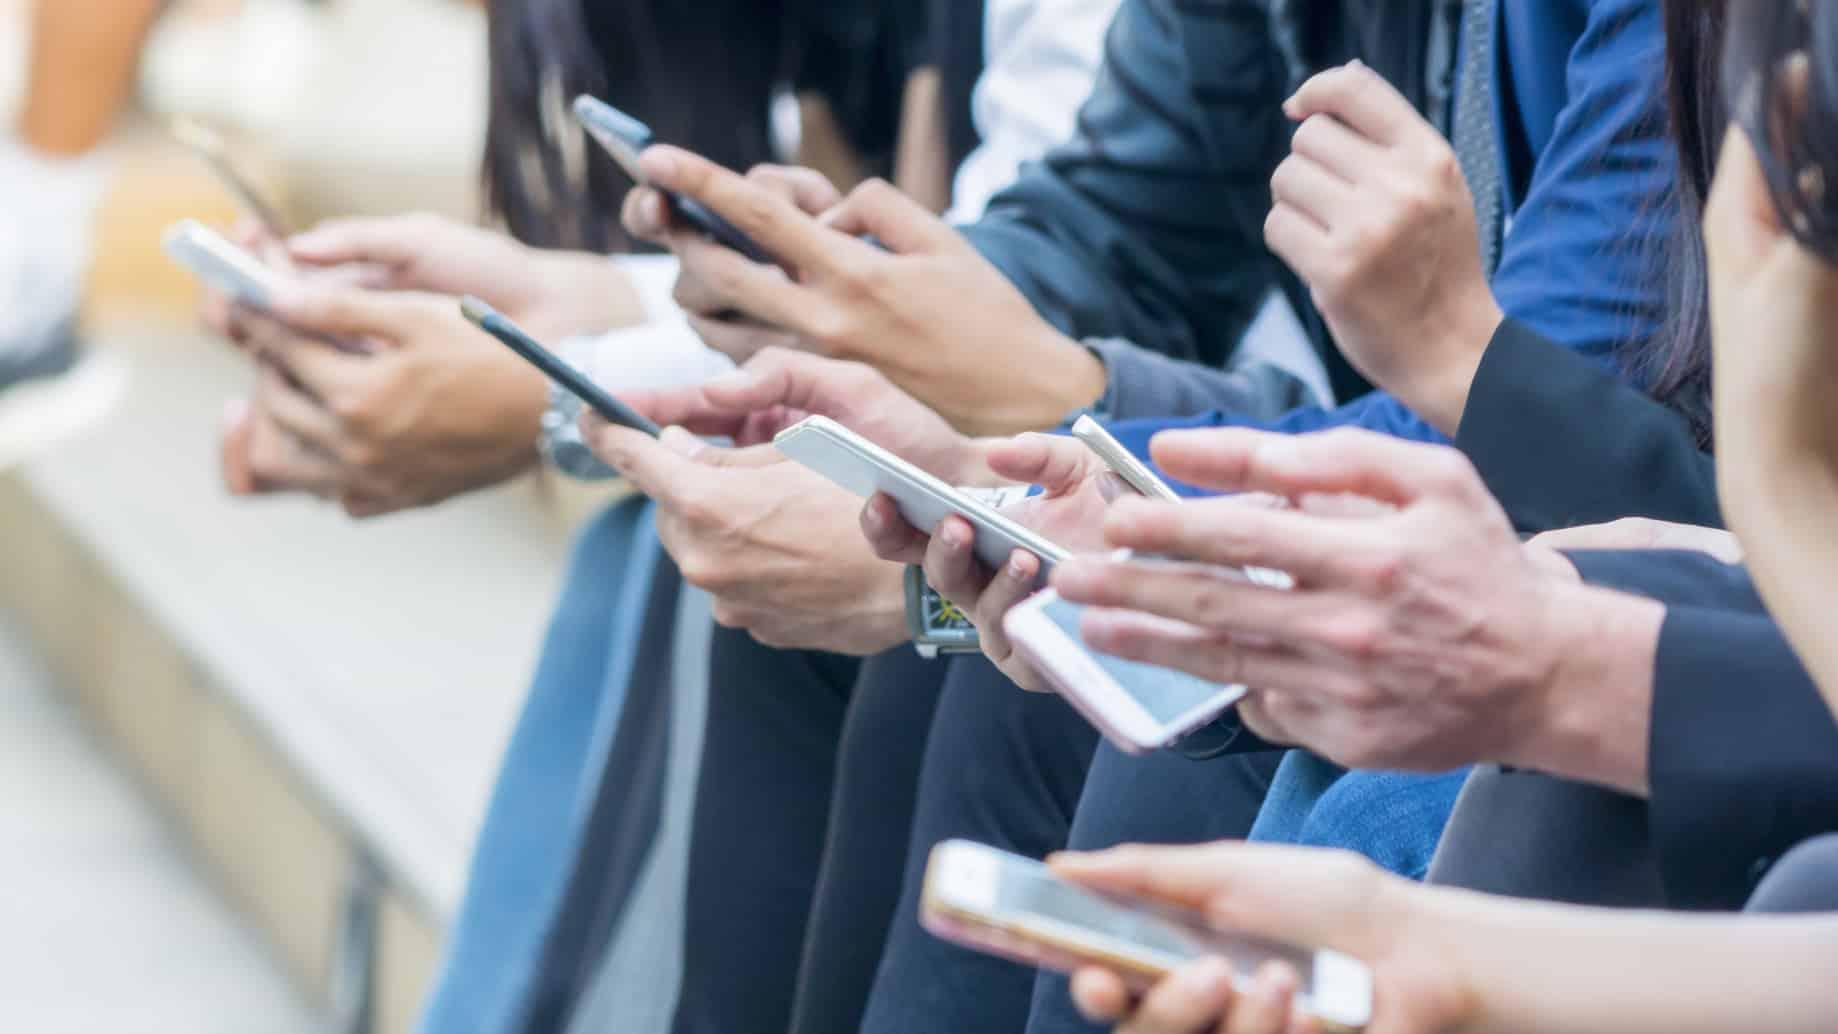 En 2017 perdió 3.4 millones de usuarios que migraron a otras compañías Telefónica Movistar fue la empresa que más usuarios perdió en 2017 por portabilidad numérica